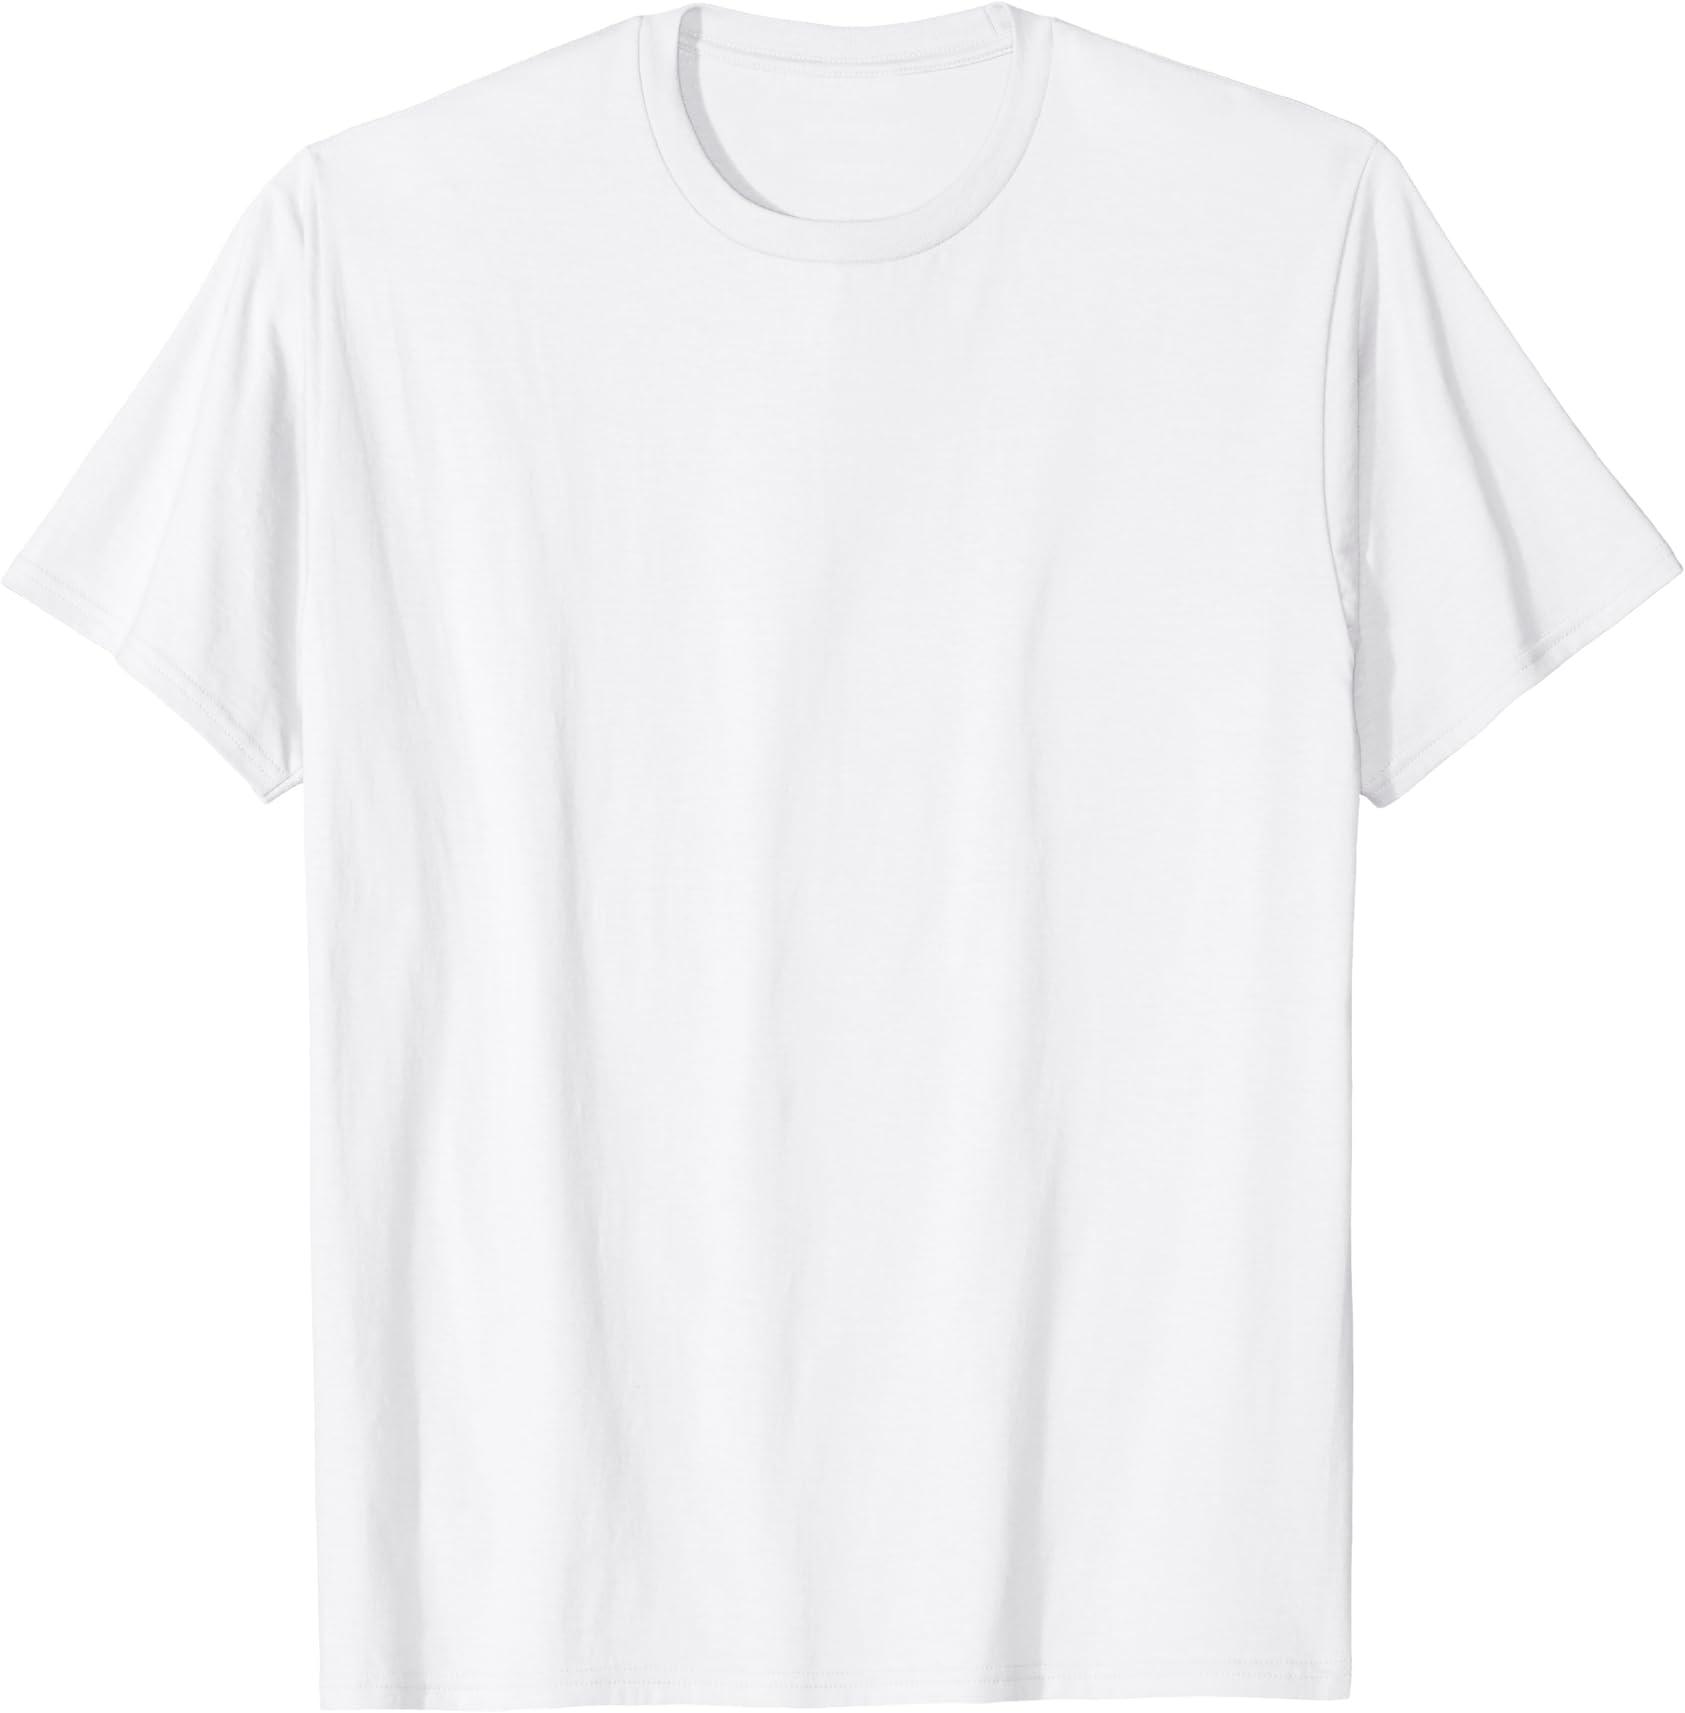 I Heart Love Llamas Kids Tee Shirt Boys Girls Unisex 2T-XL